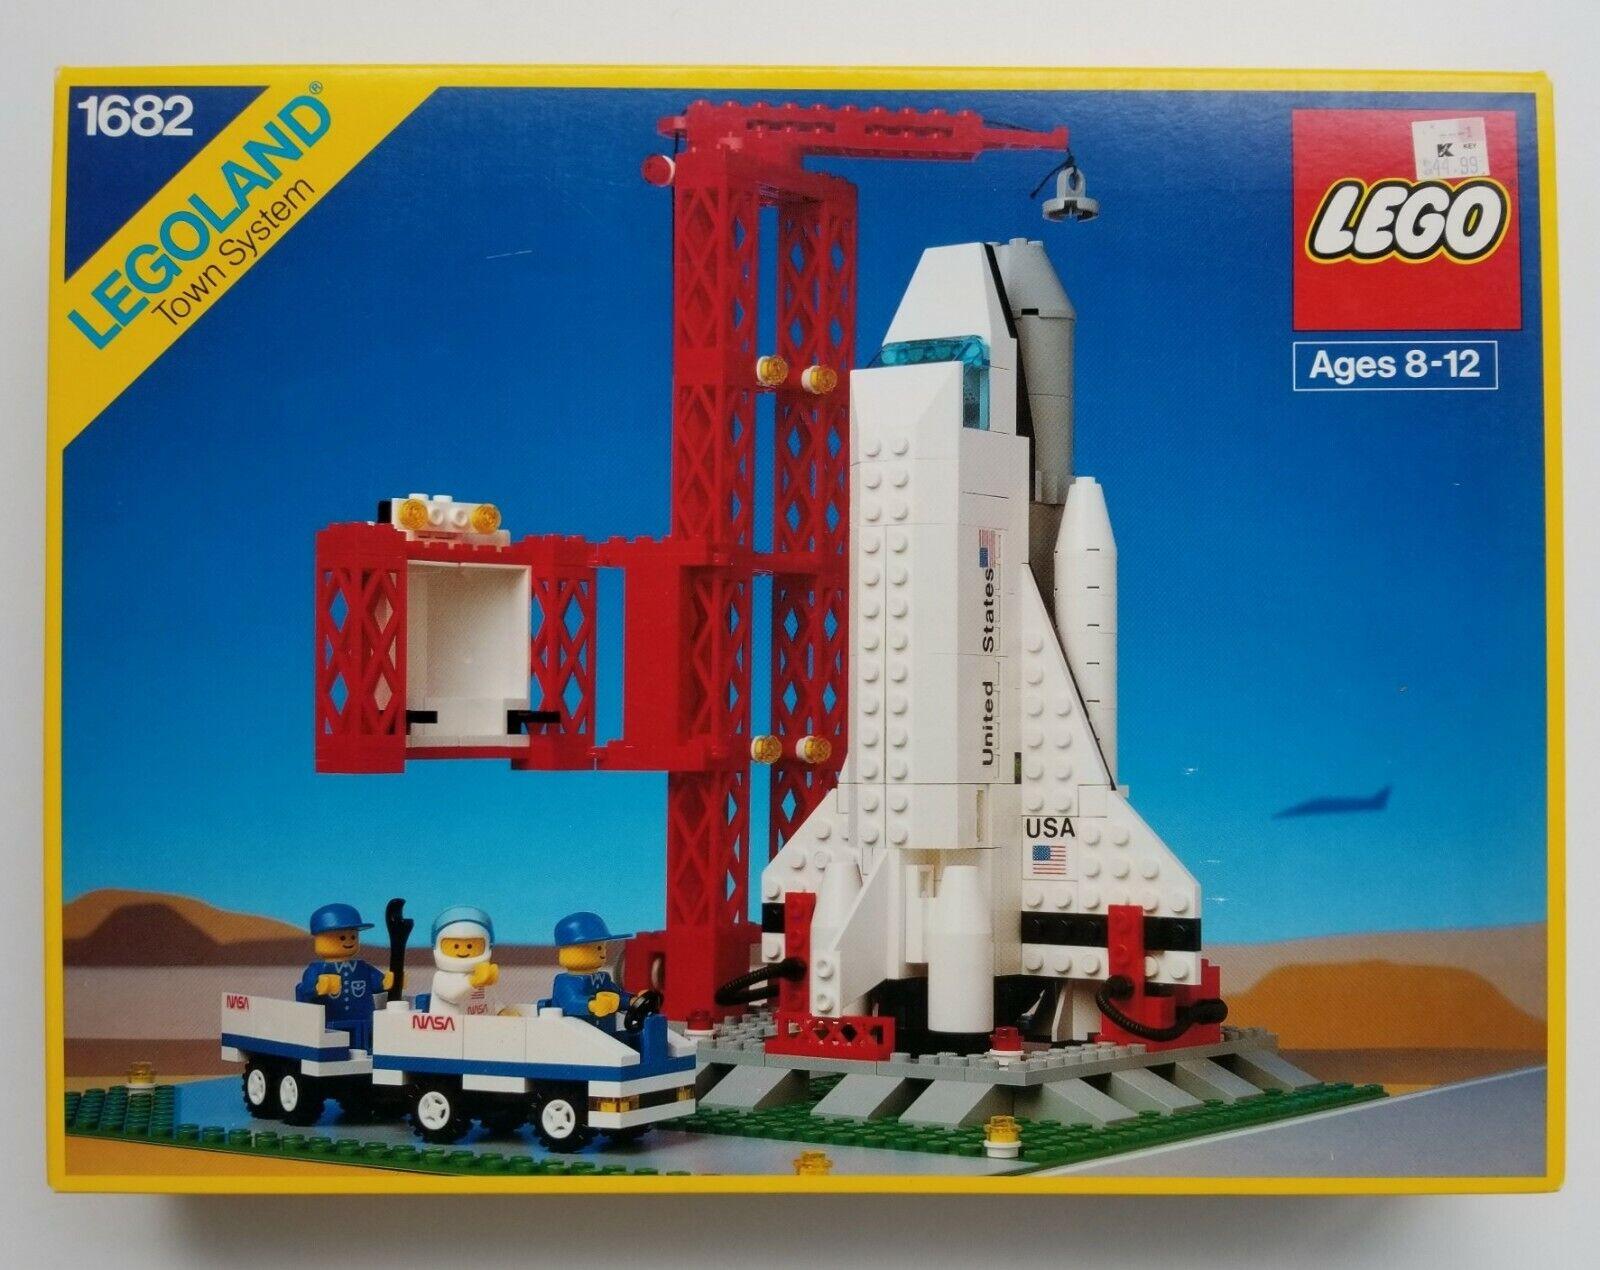 Lego 1682 vintage navette spatiale-Années 1990-Neuf, Scellée, Neuf dans sa  boîte  meilleure qualité